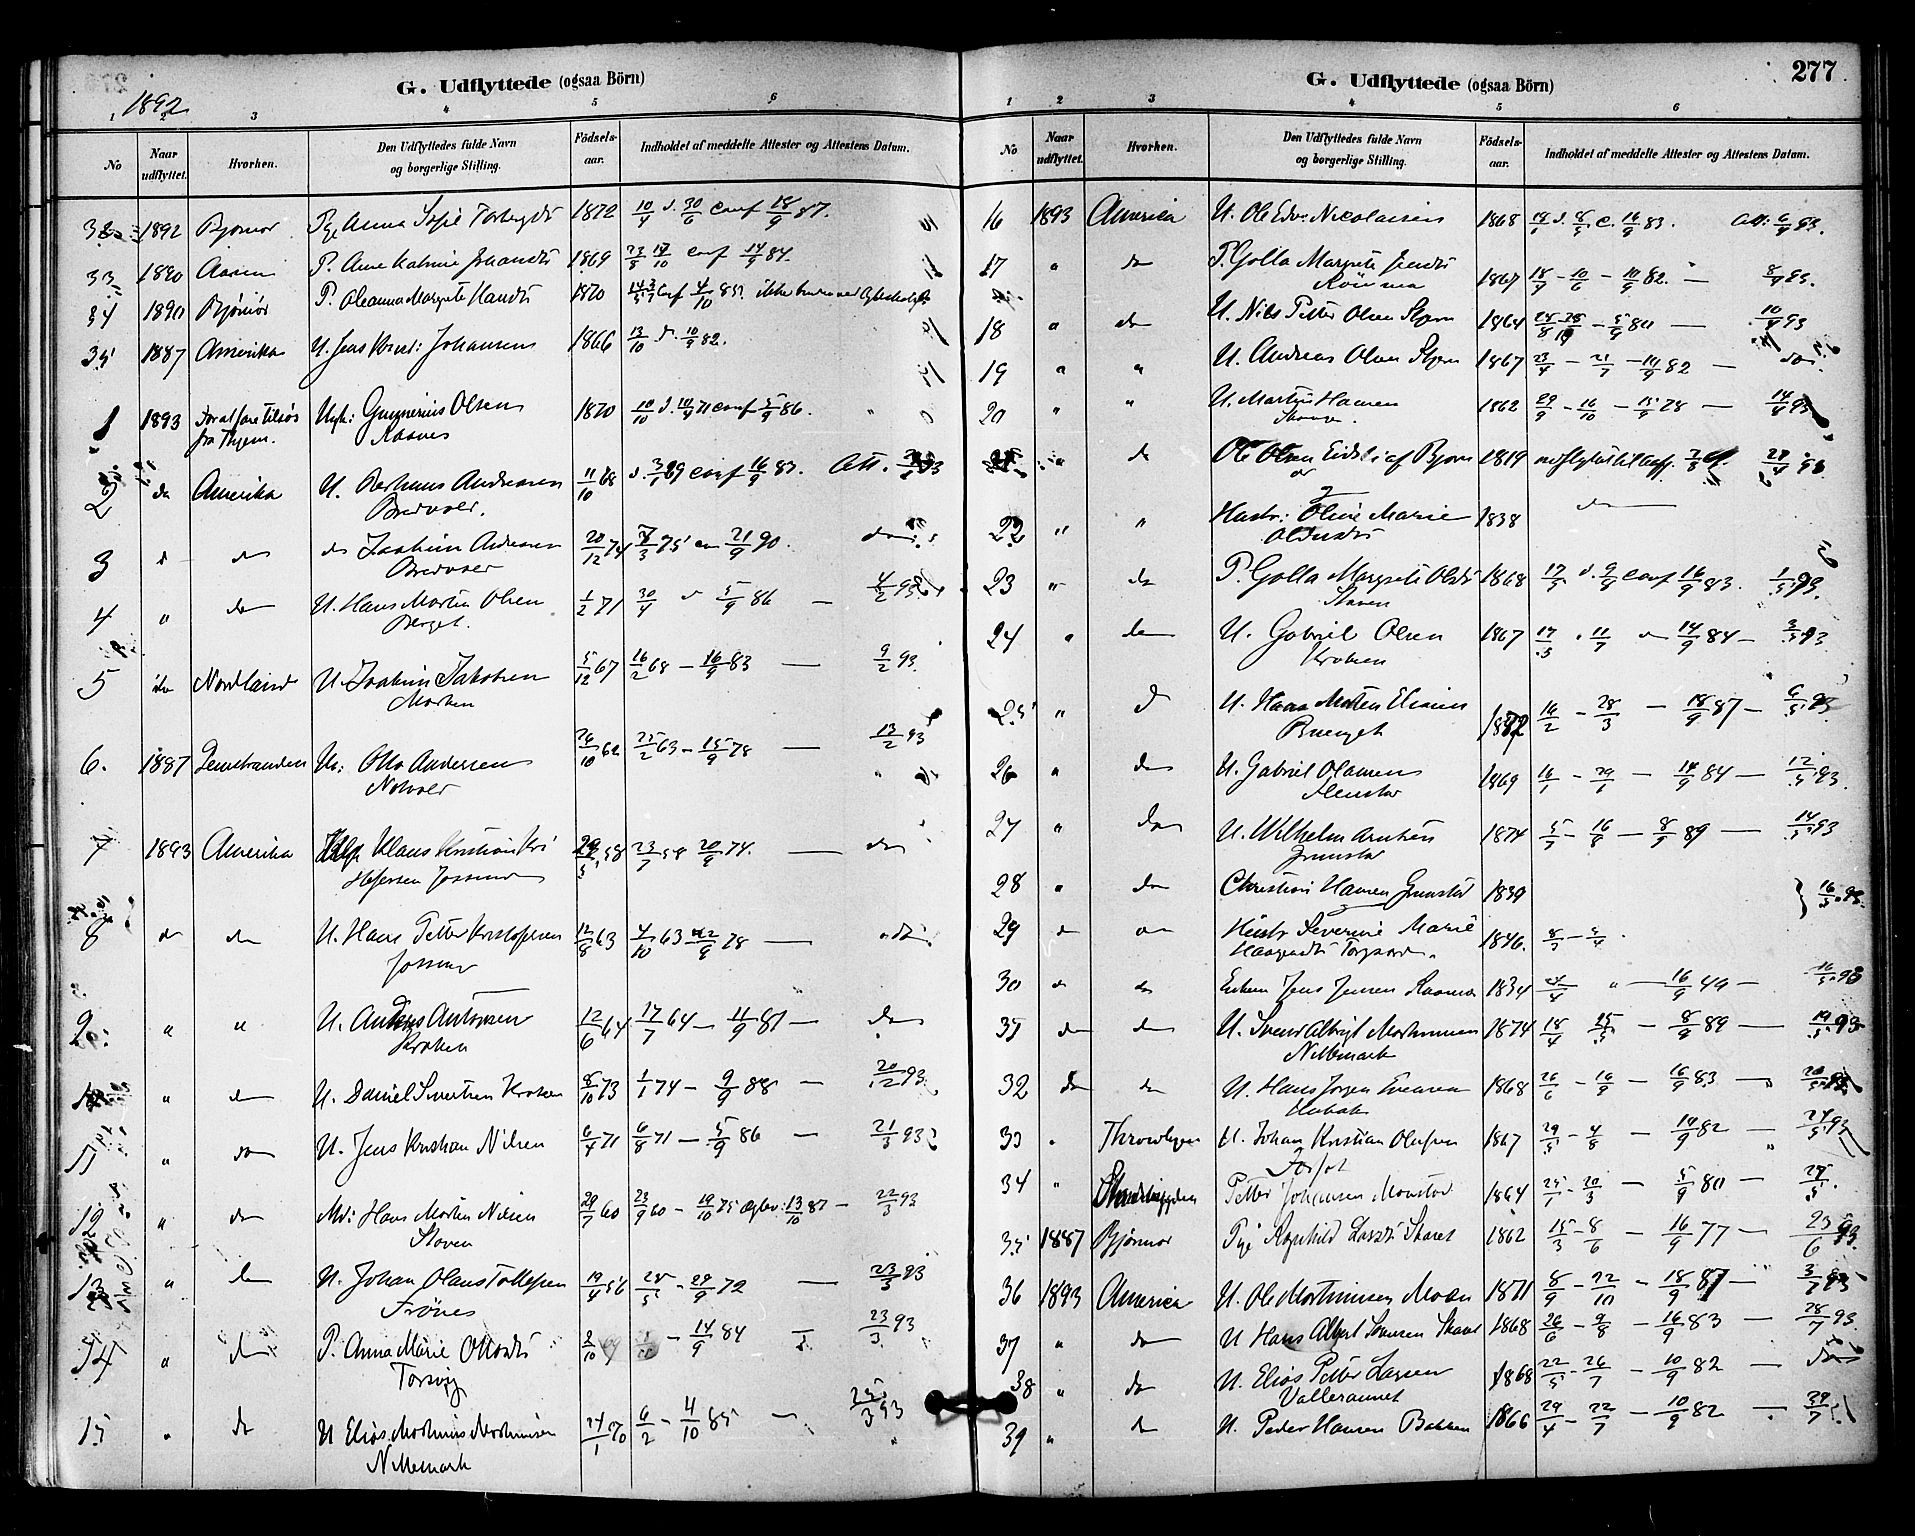 SAT, Ministerialprotokoller, klokkerbøker og fødselsregistre - Sør-Trøndelag, 655/L0680: Ministerialbok nr. 655A09, 1880-1894, s. 277